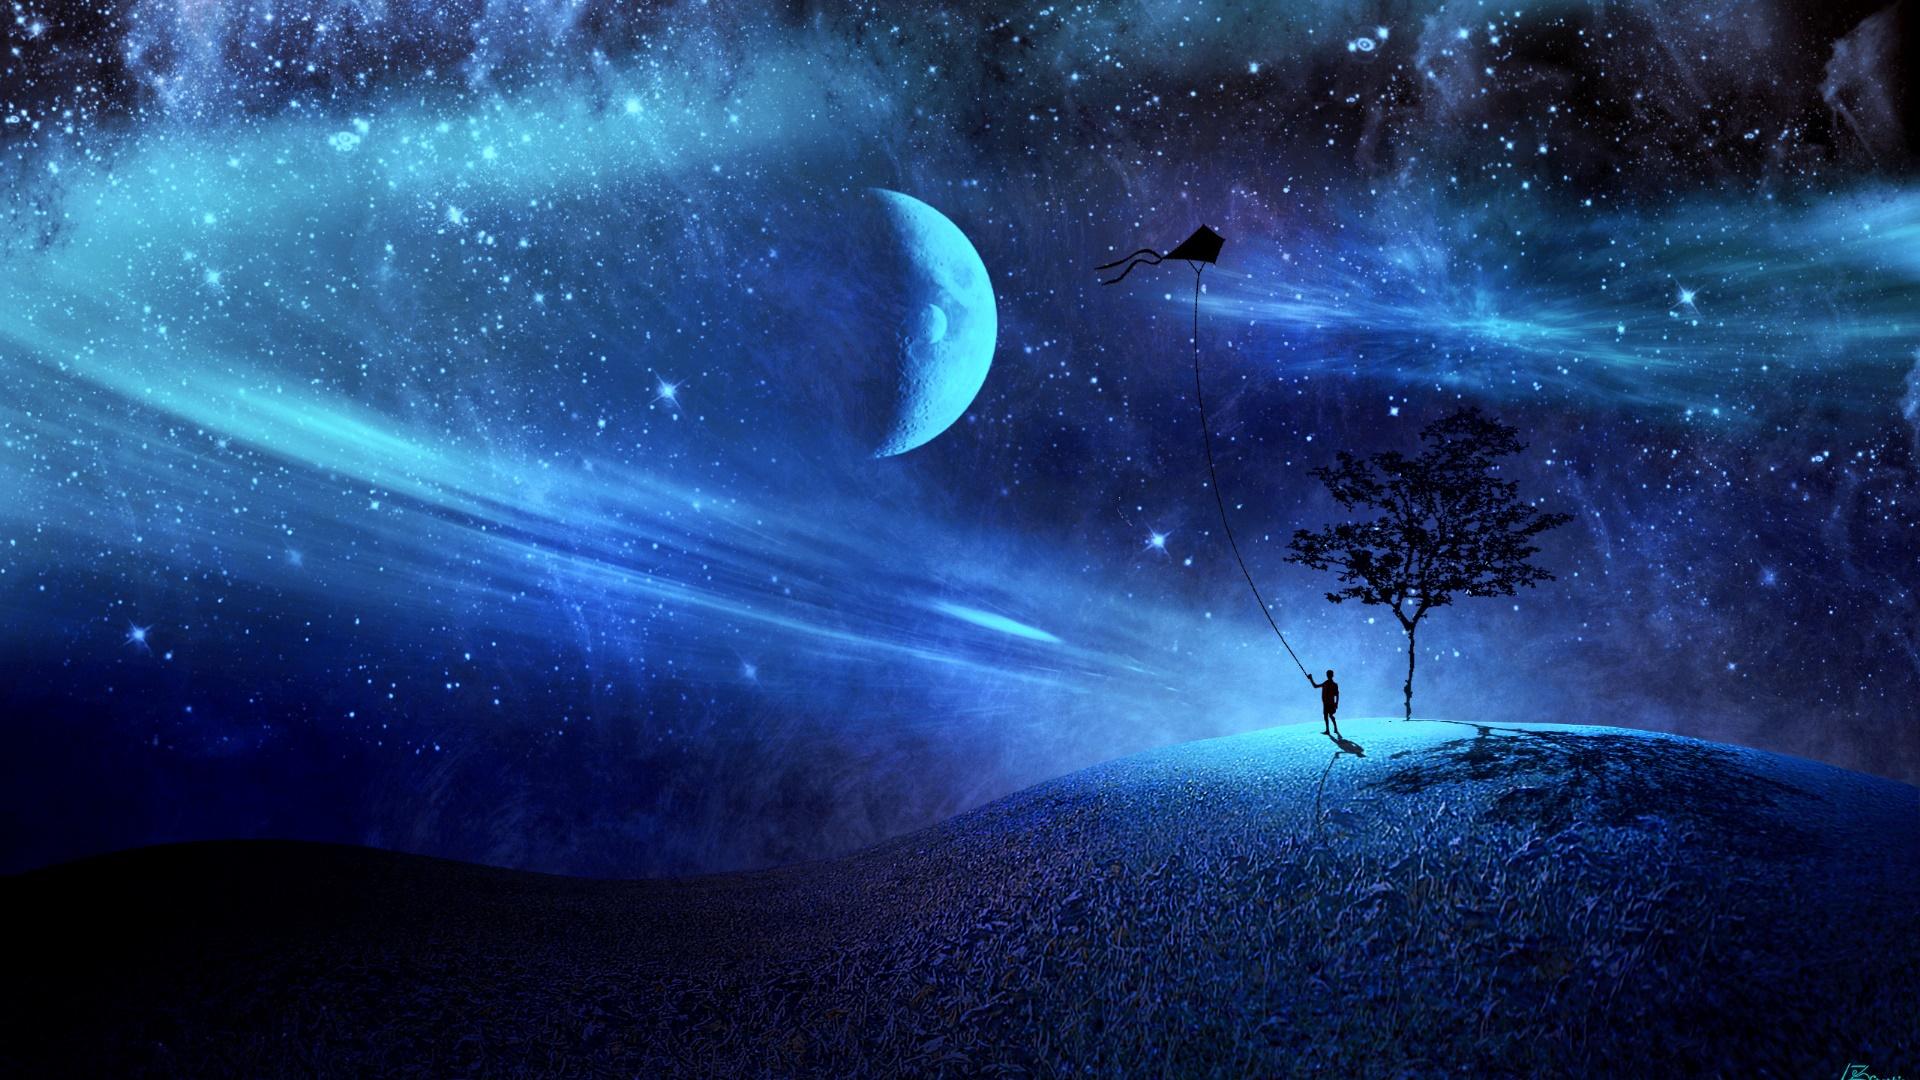 Kite-flying at night - Fantasy art wallpaper